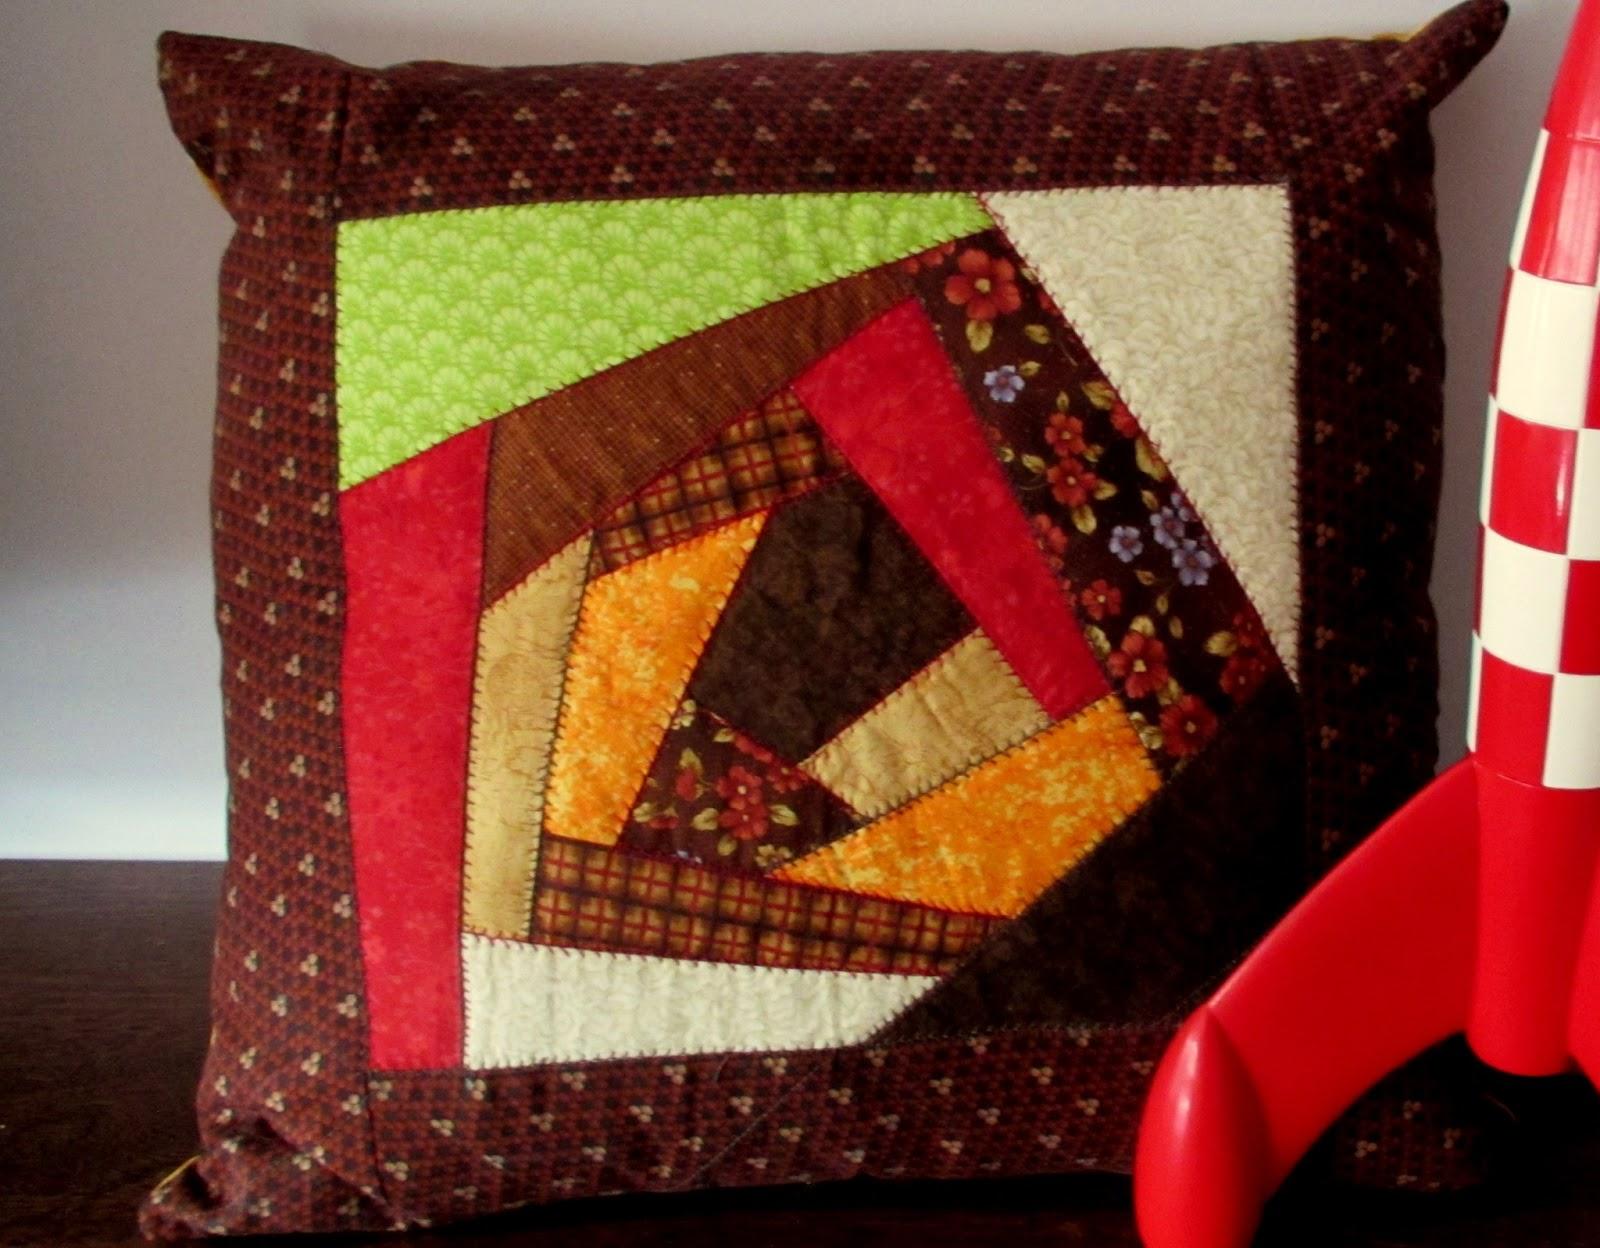 Momentos de patchwork cojines y colcha escalera - Acolchados en patchwork ...